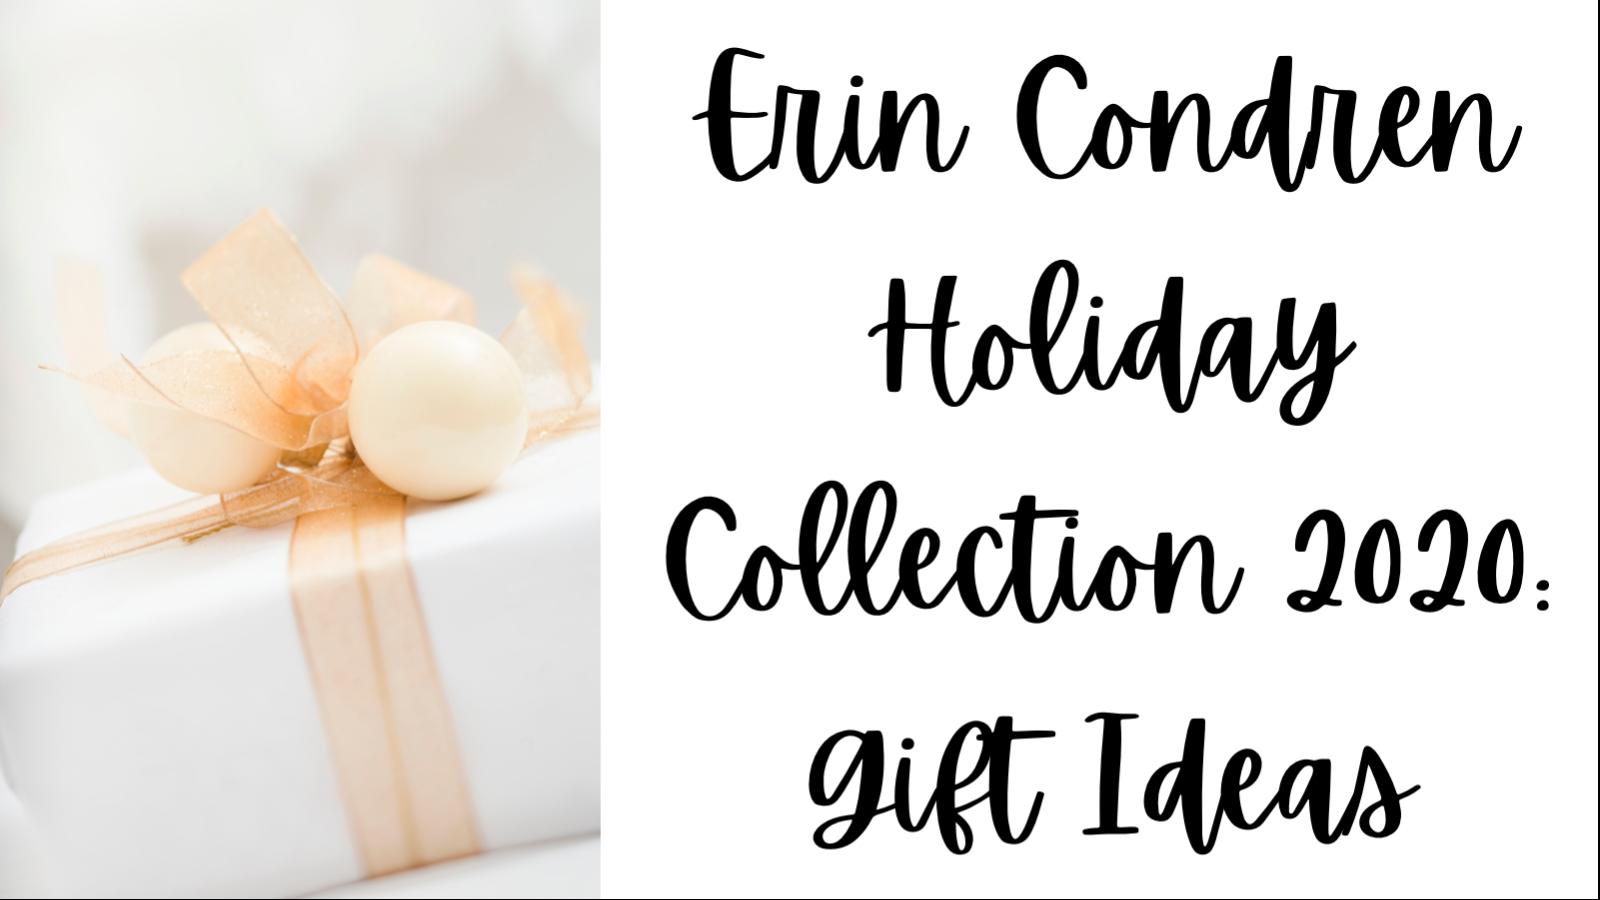 Erin condren holiday collection 2020: gift ideas!